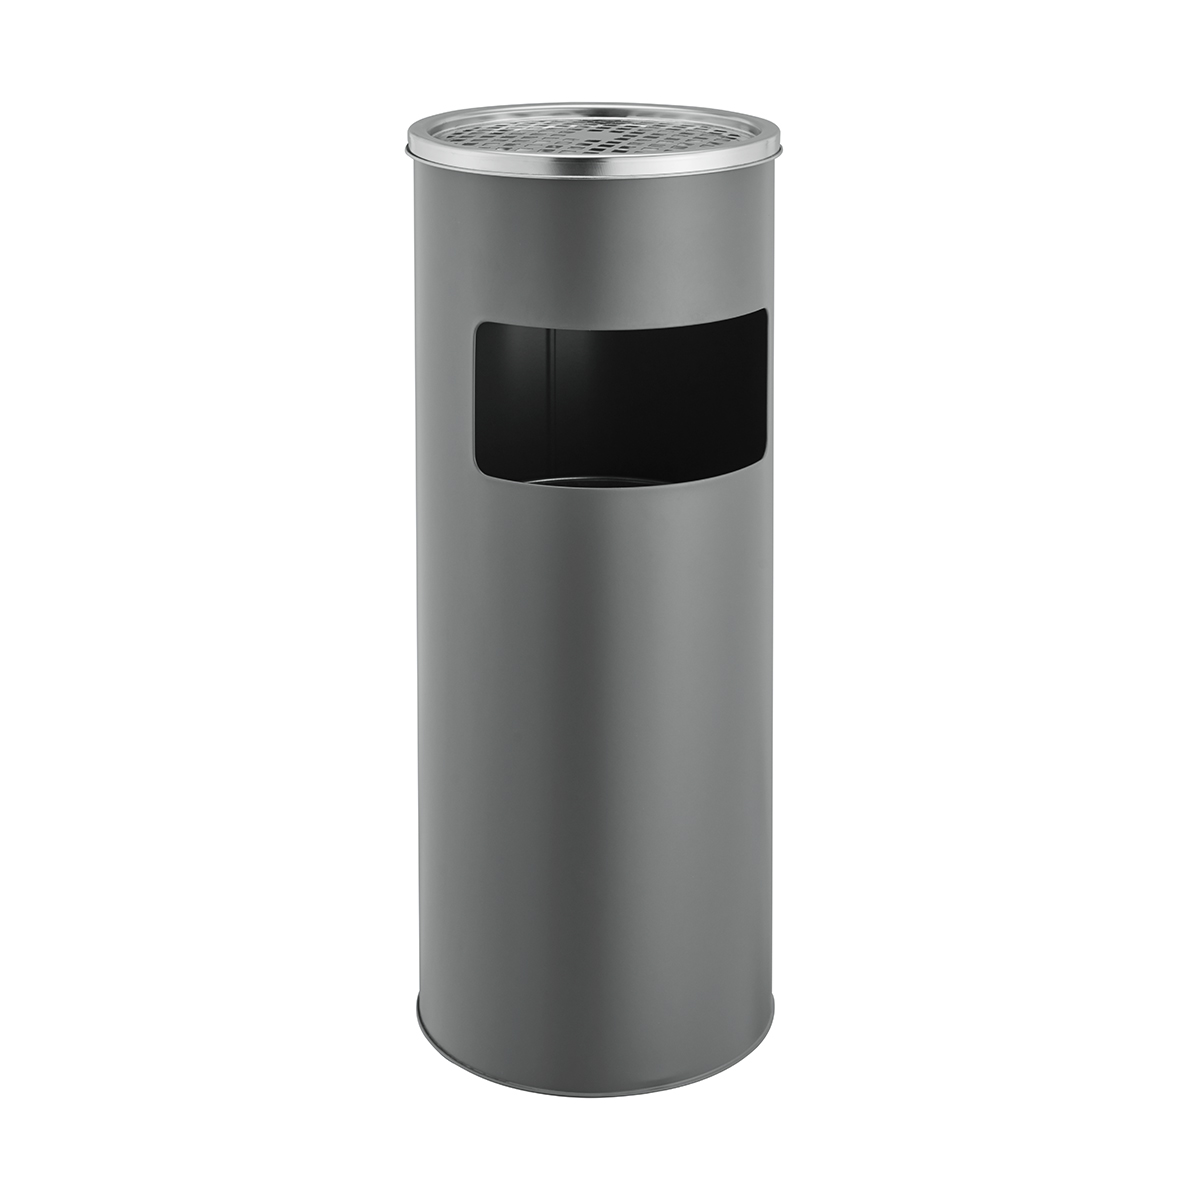 91899 Aschenbecher 30 Liter Mülleimer grau